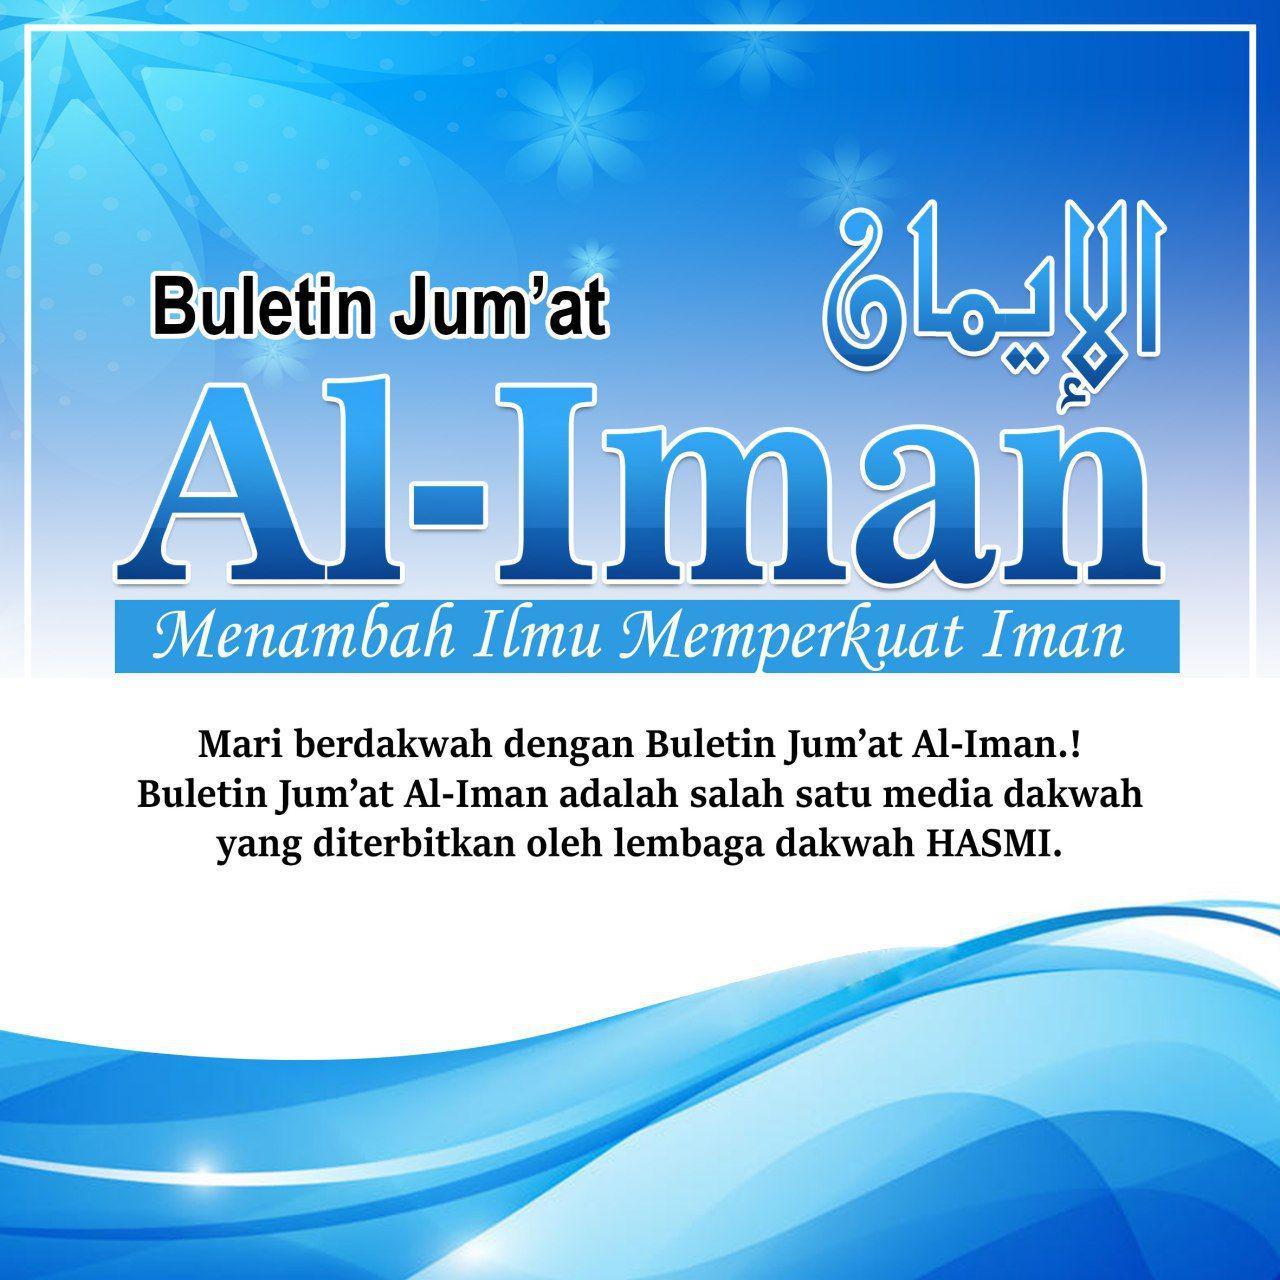 KABAR GEMBIRA!! – Telah Terbit, Buletin Jumat Al Iman